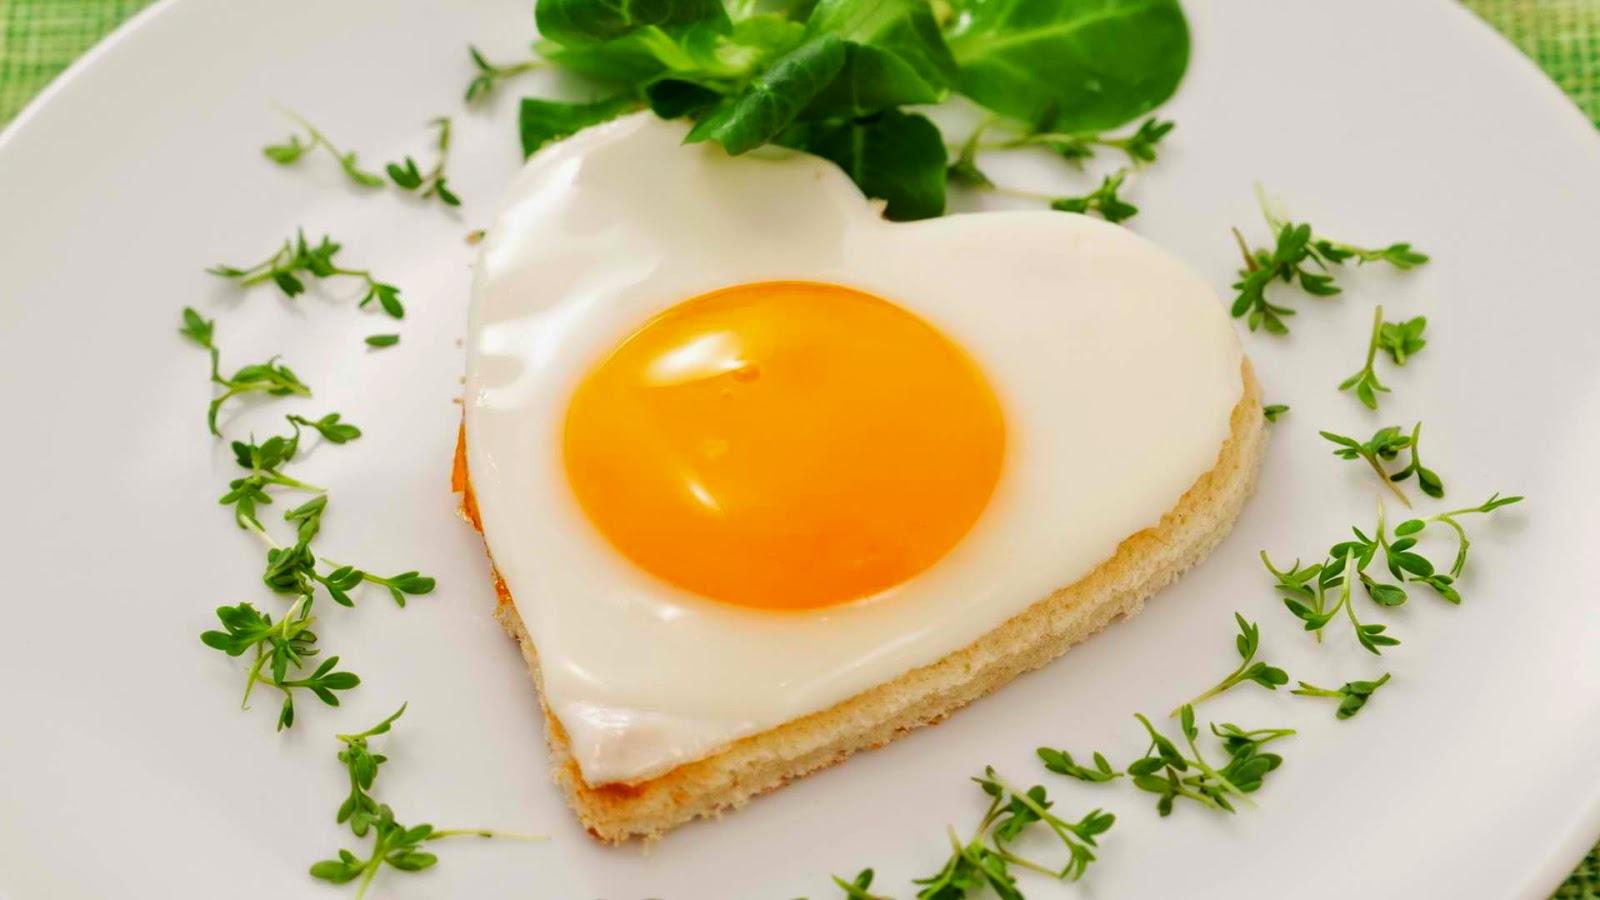 heart-shaped egg pastry breakfast